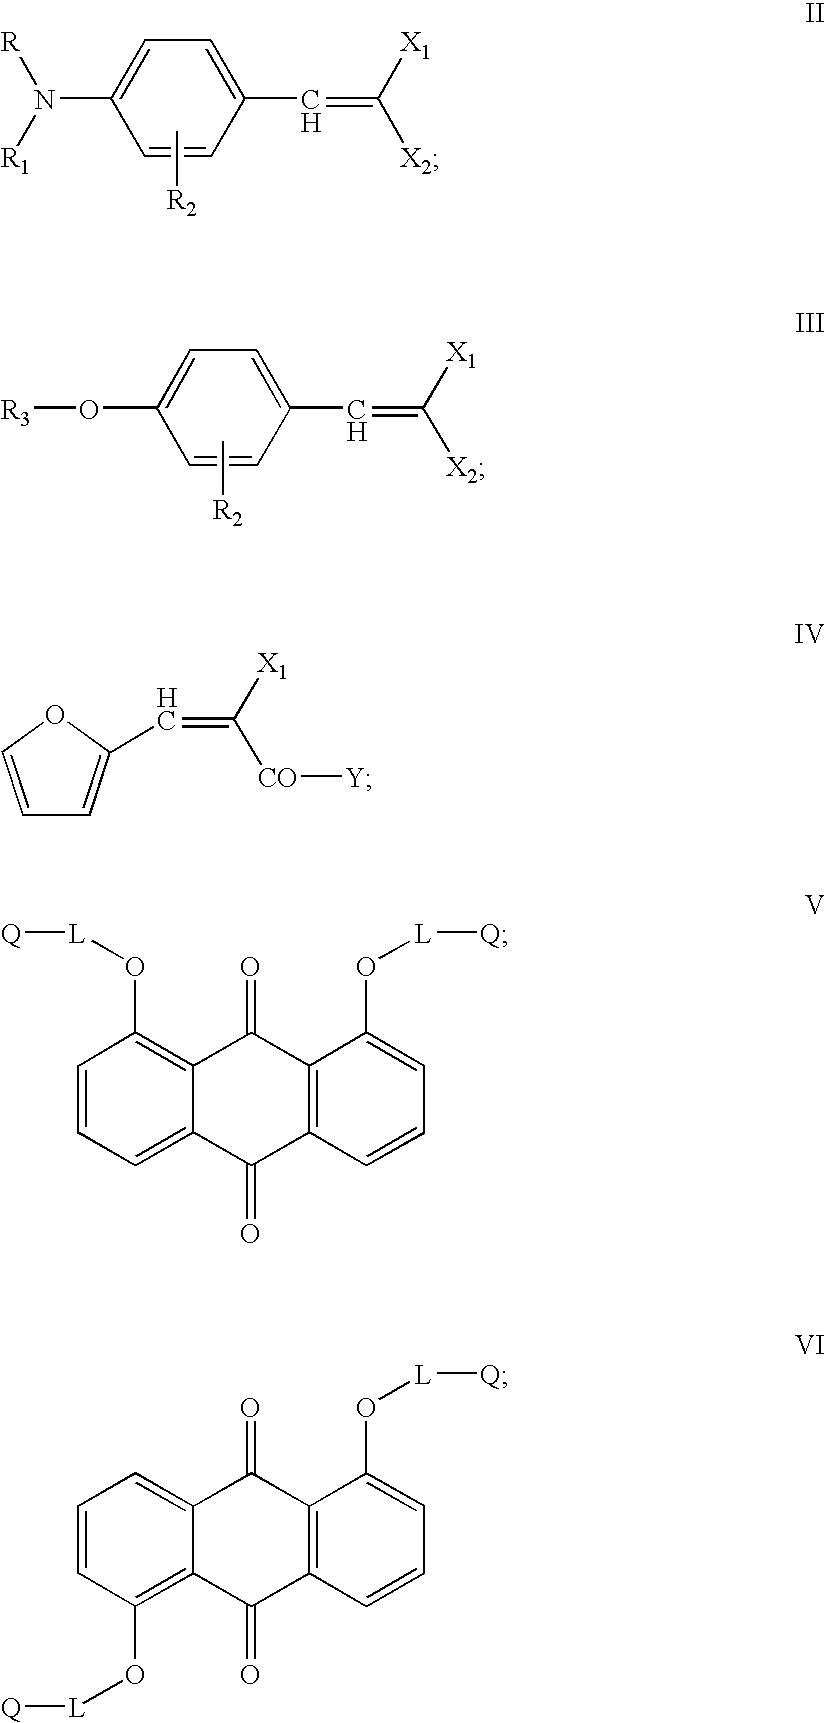 Figure US20060115516A1-20060601-C00158